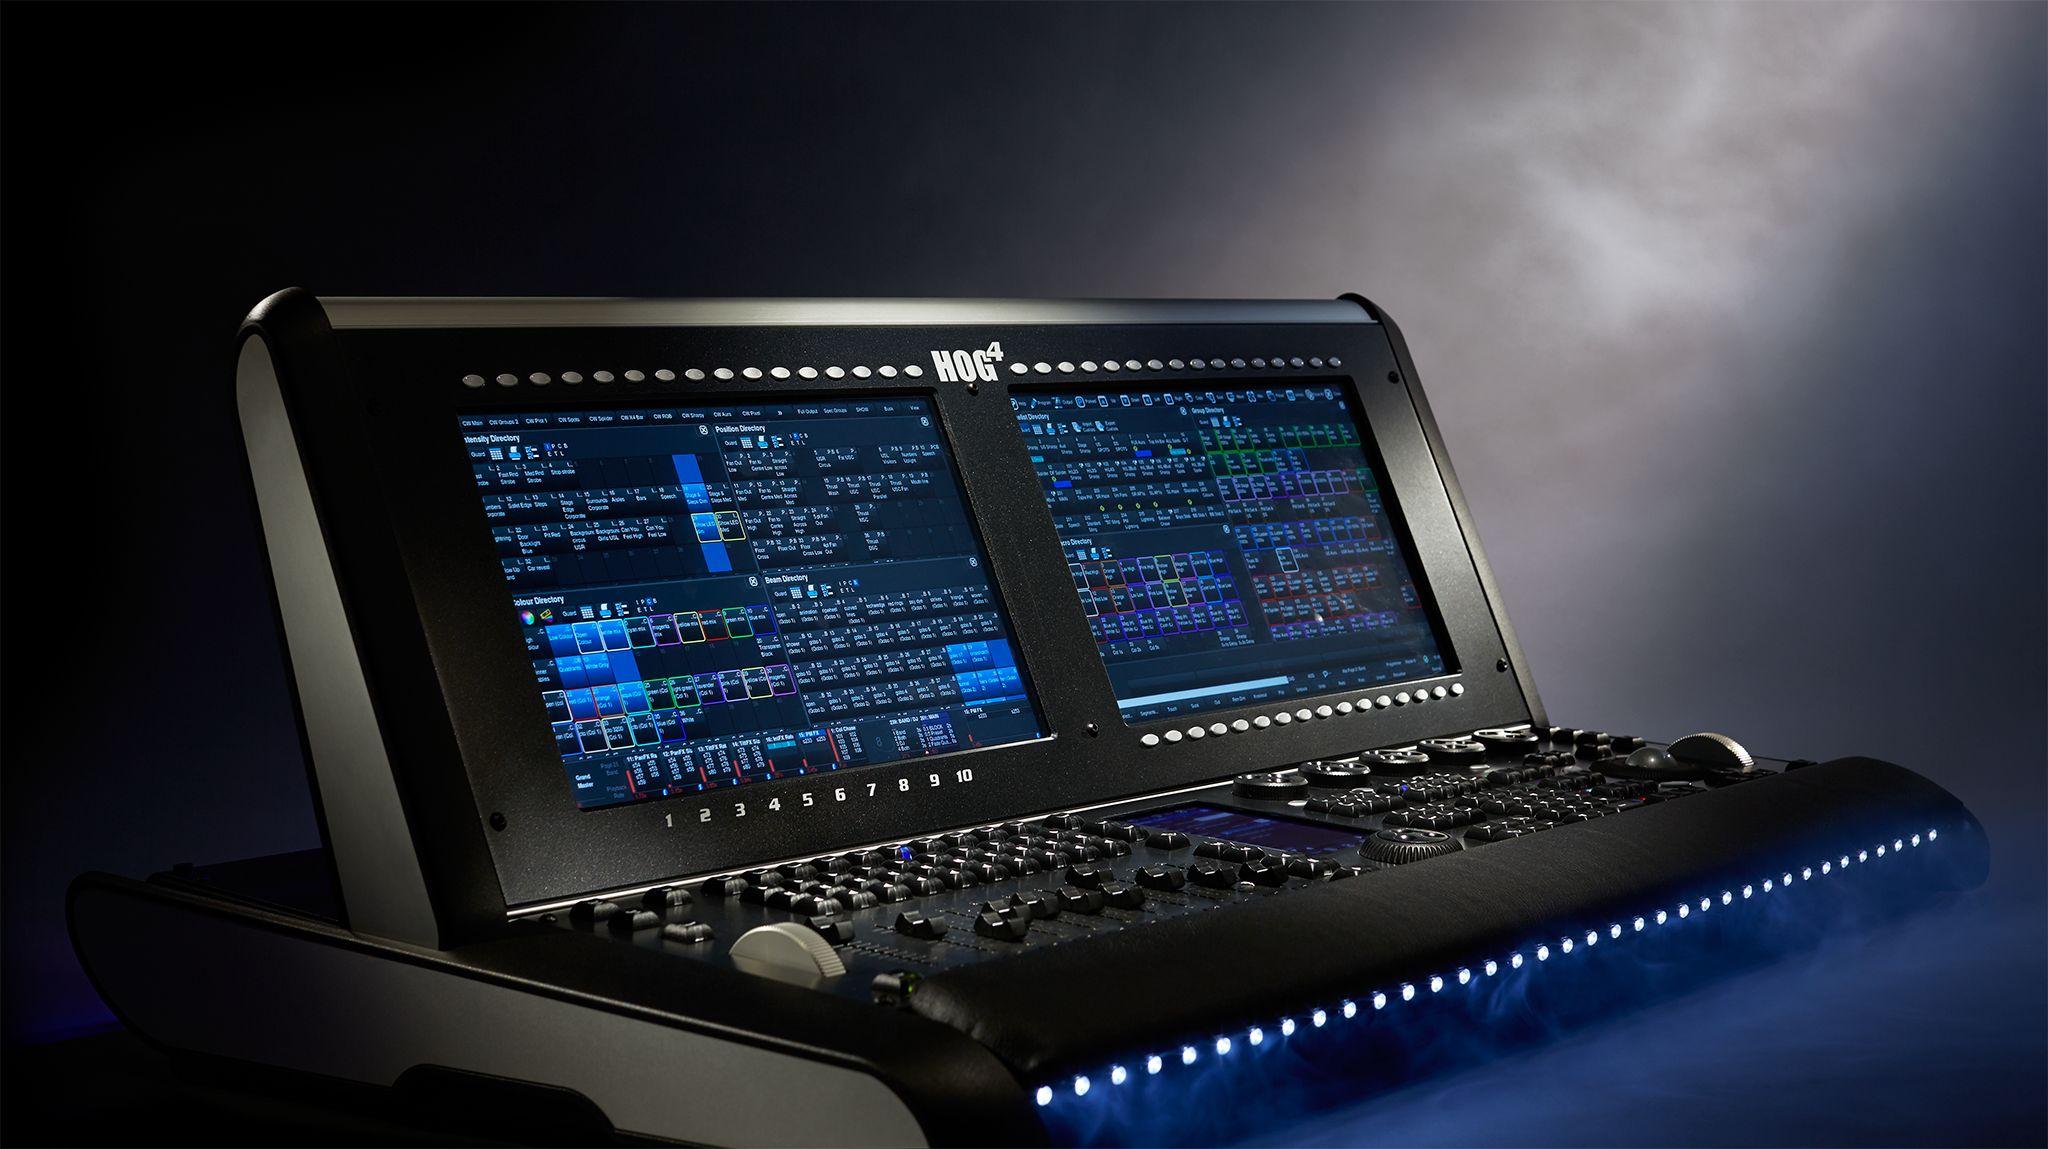 картинка 6 стилей программирования световых консолей HOG4 (информационно-консультационные услуги) от магазина Одежда+